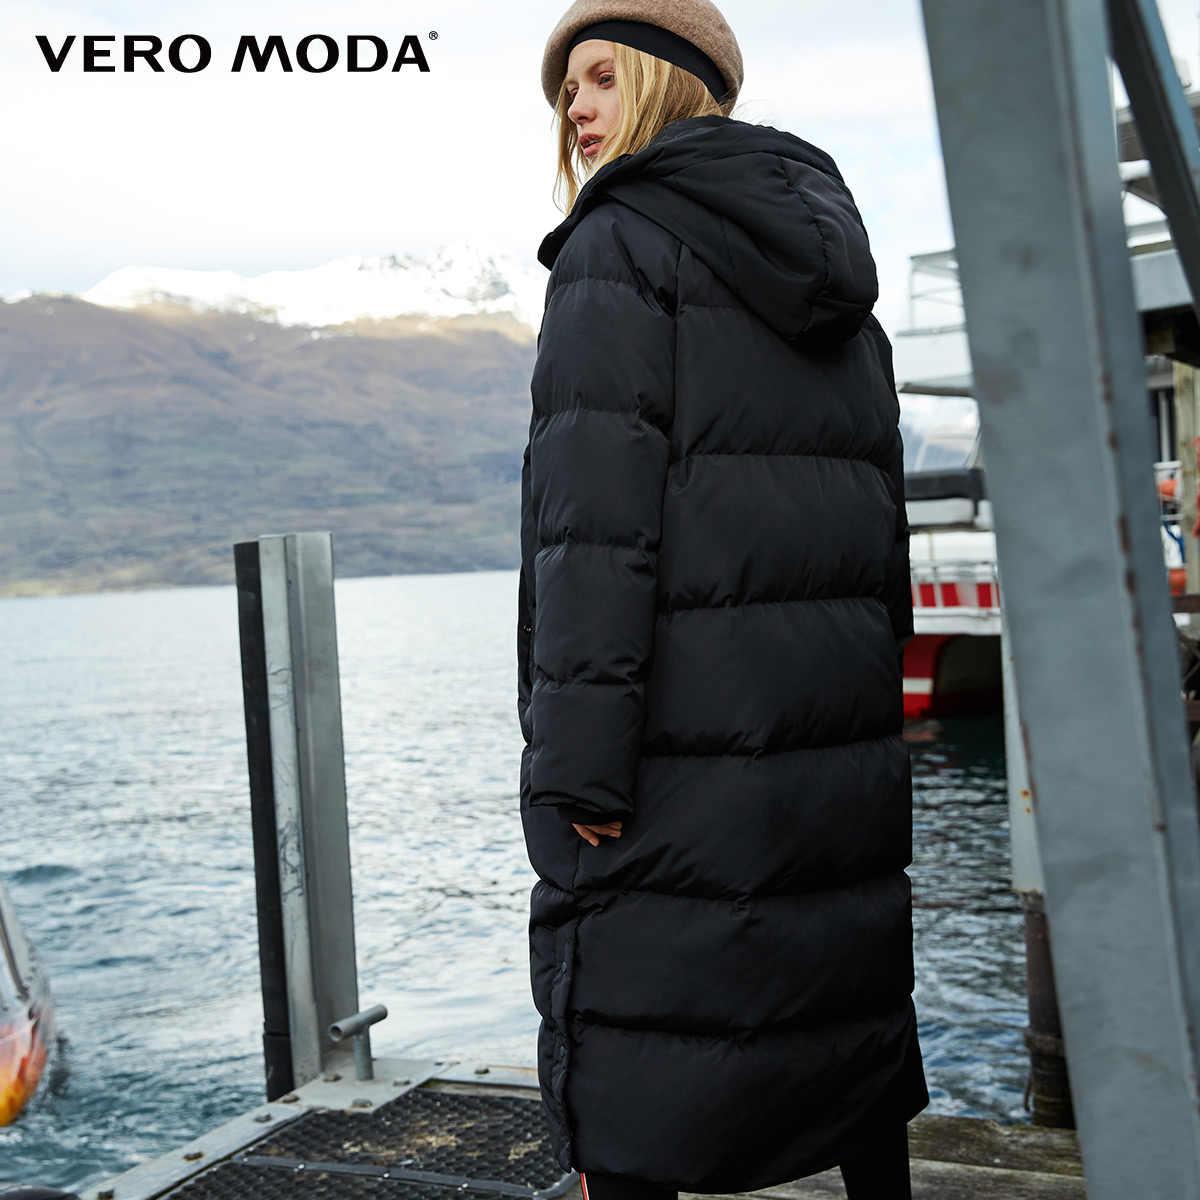 Vero Moda 2019 nouveau manteau à capuche Oversize 90% duvet de canard blanc longue   318412527